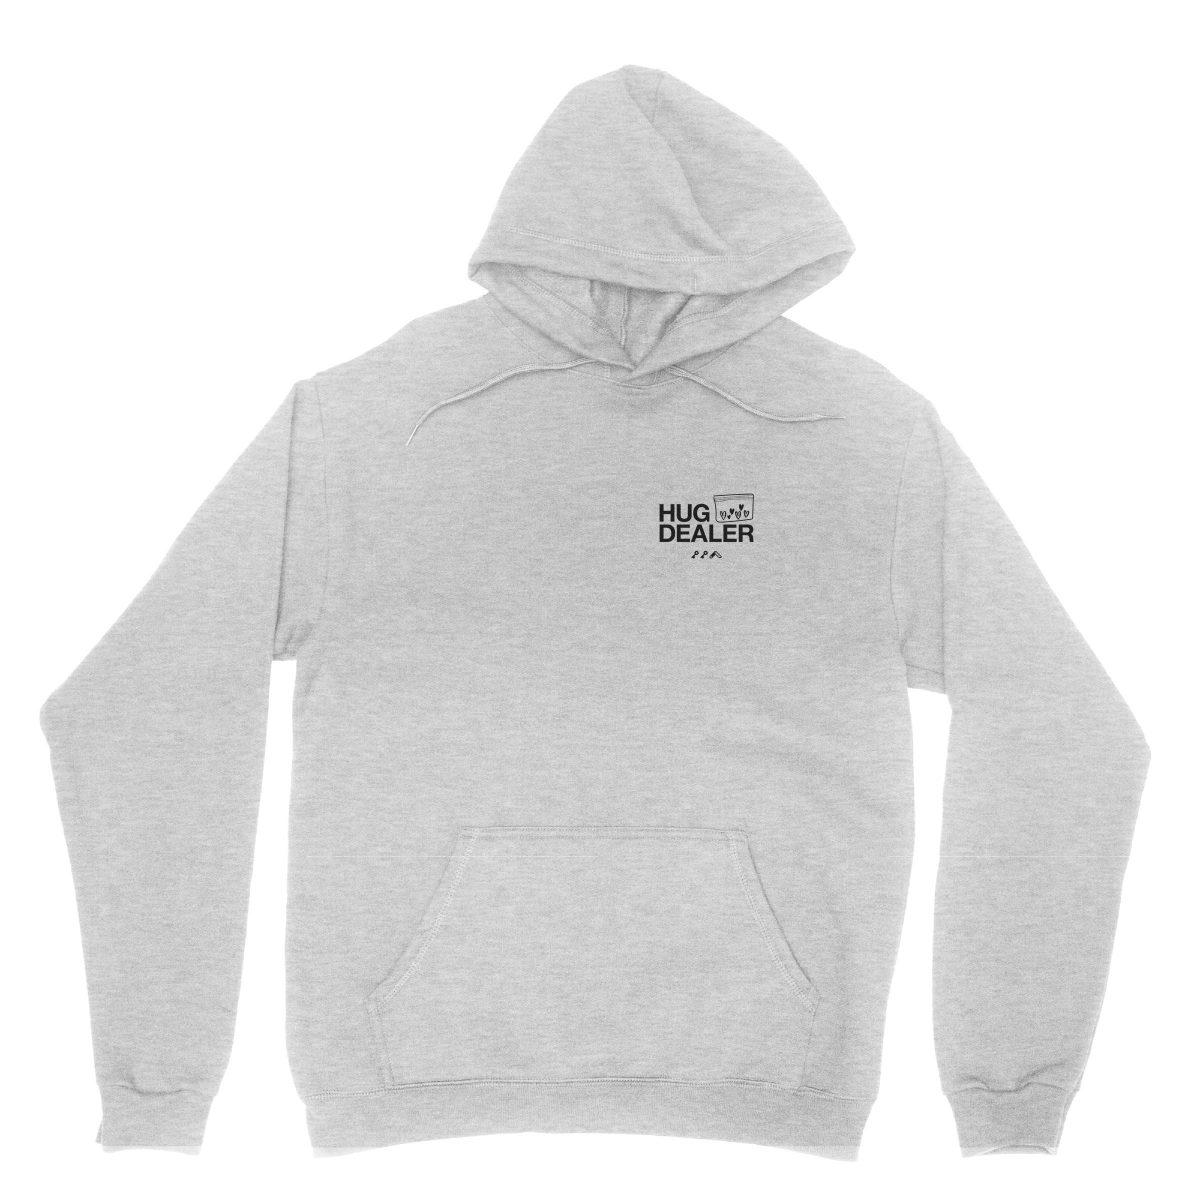 HUG DEALER hoodie in grey by kikicutt sweatshirt store